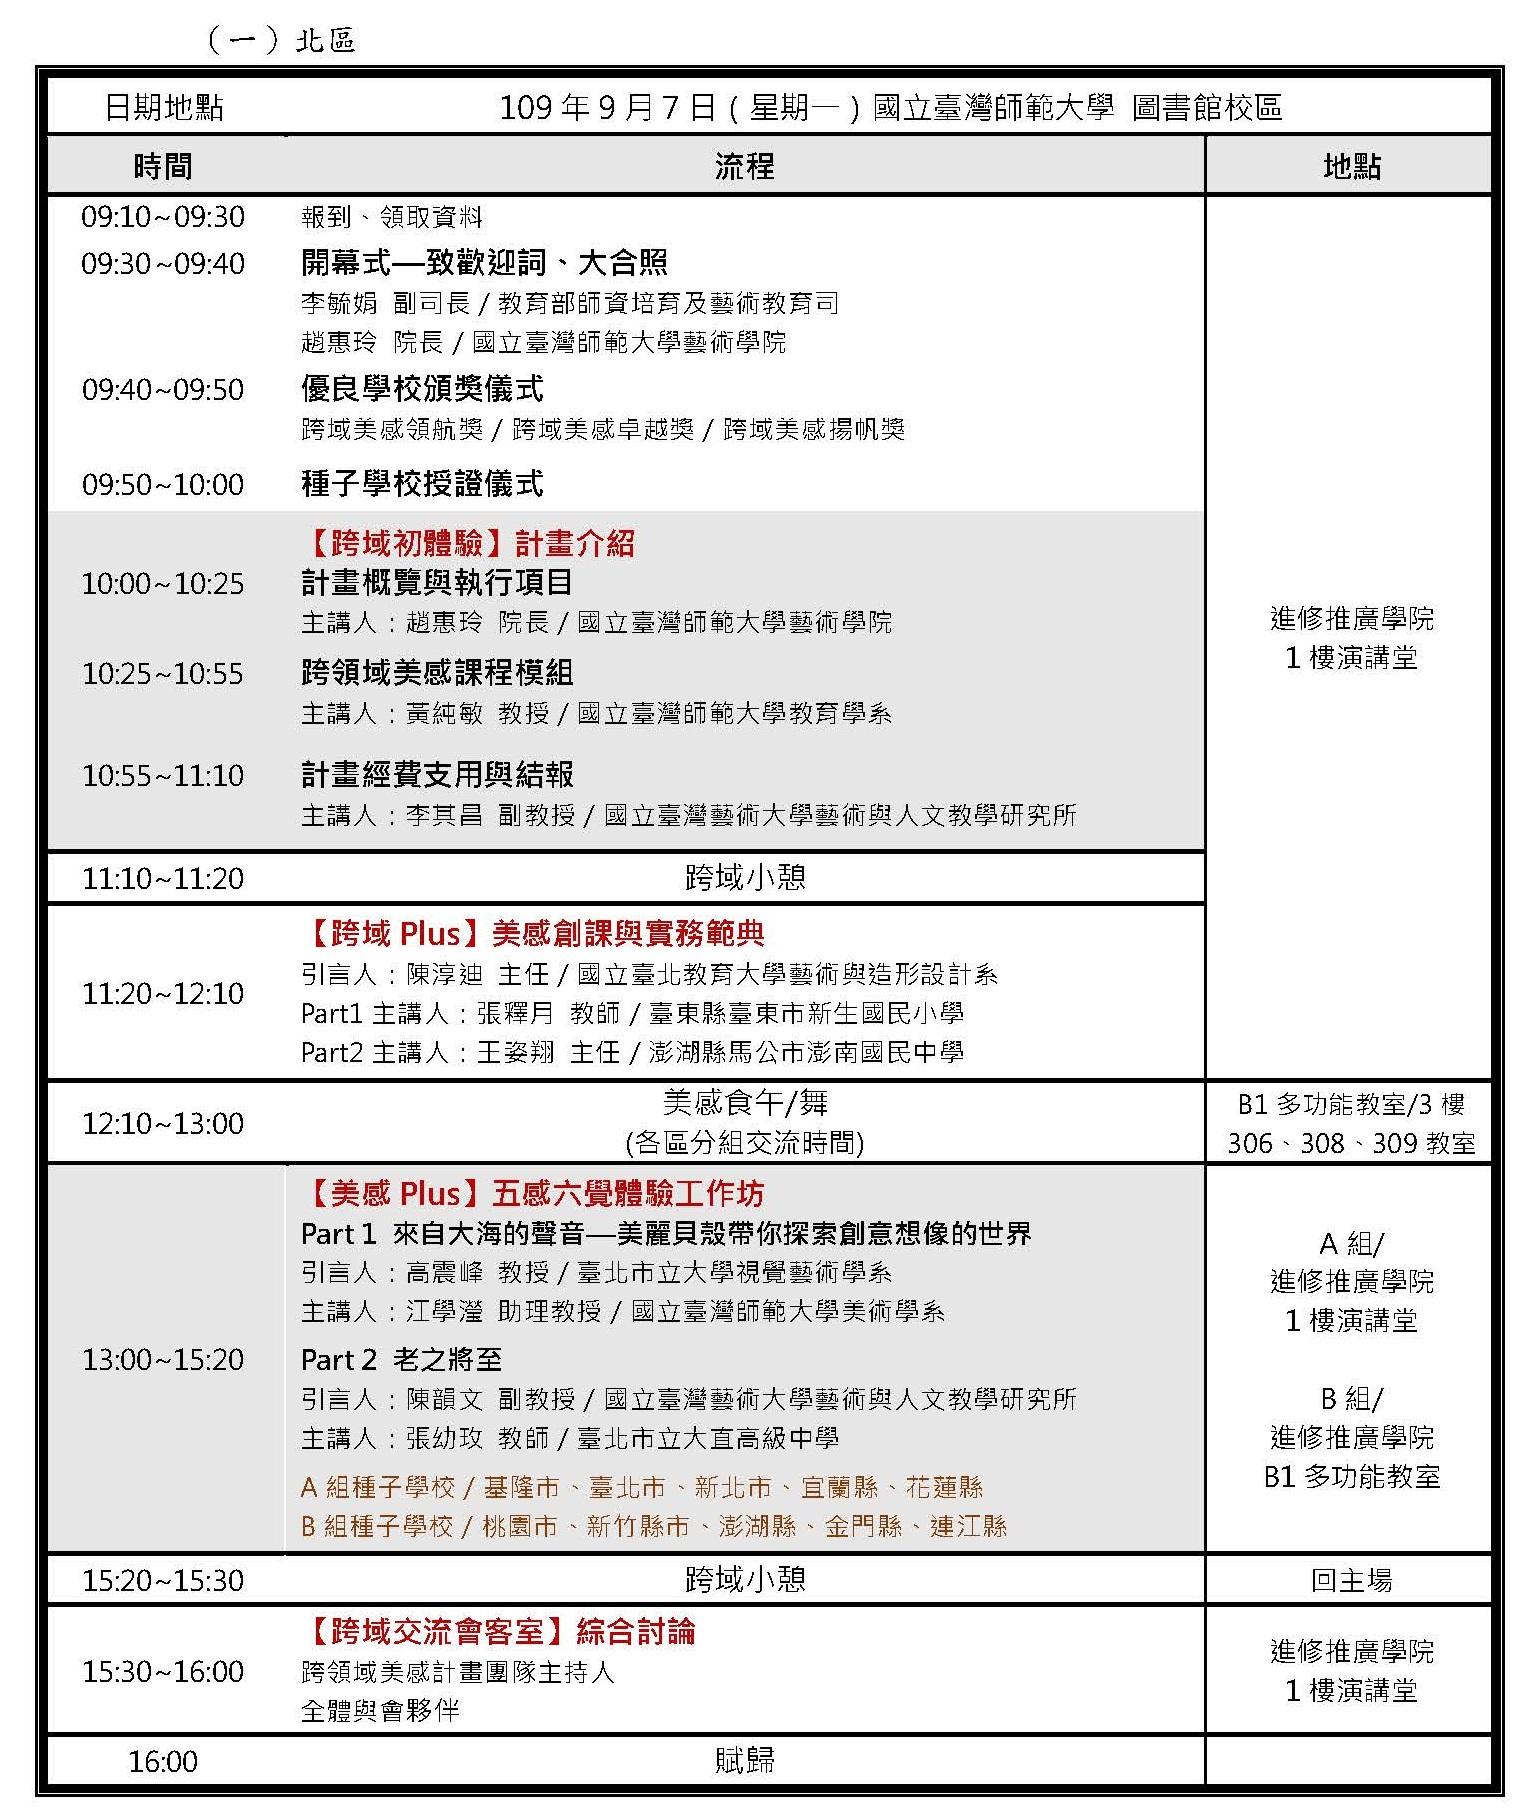 誓師大會暨增能研習實施計畫核定 頁面 04